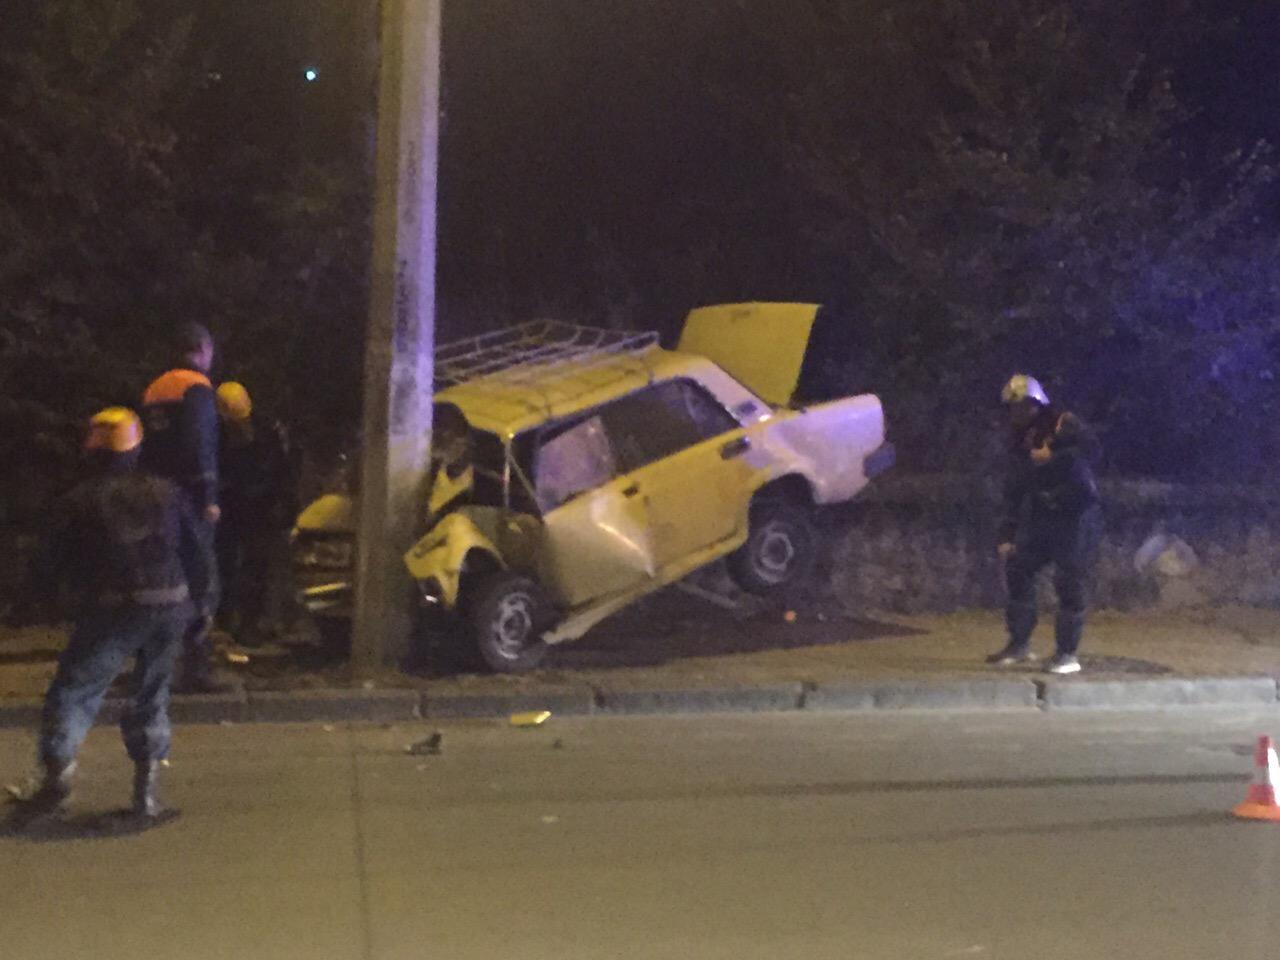 Ночью в Севастополе автомобиль «влетел» в столб. Погиб человек